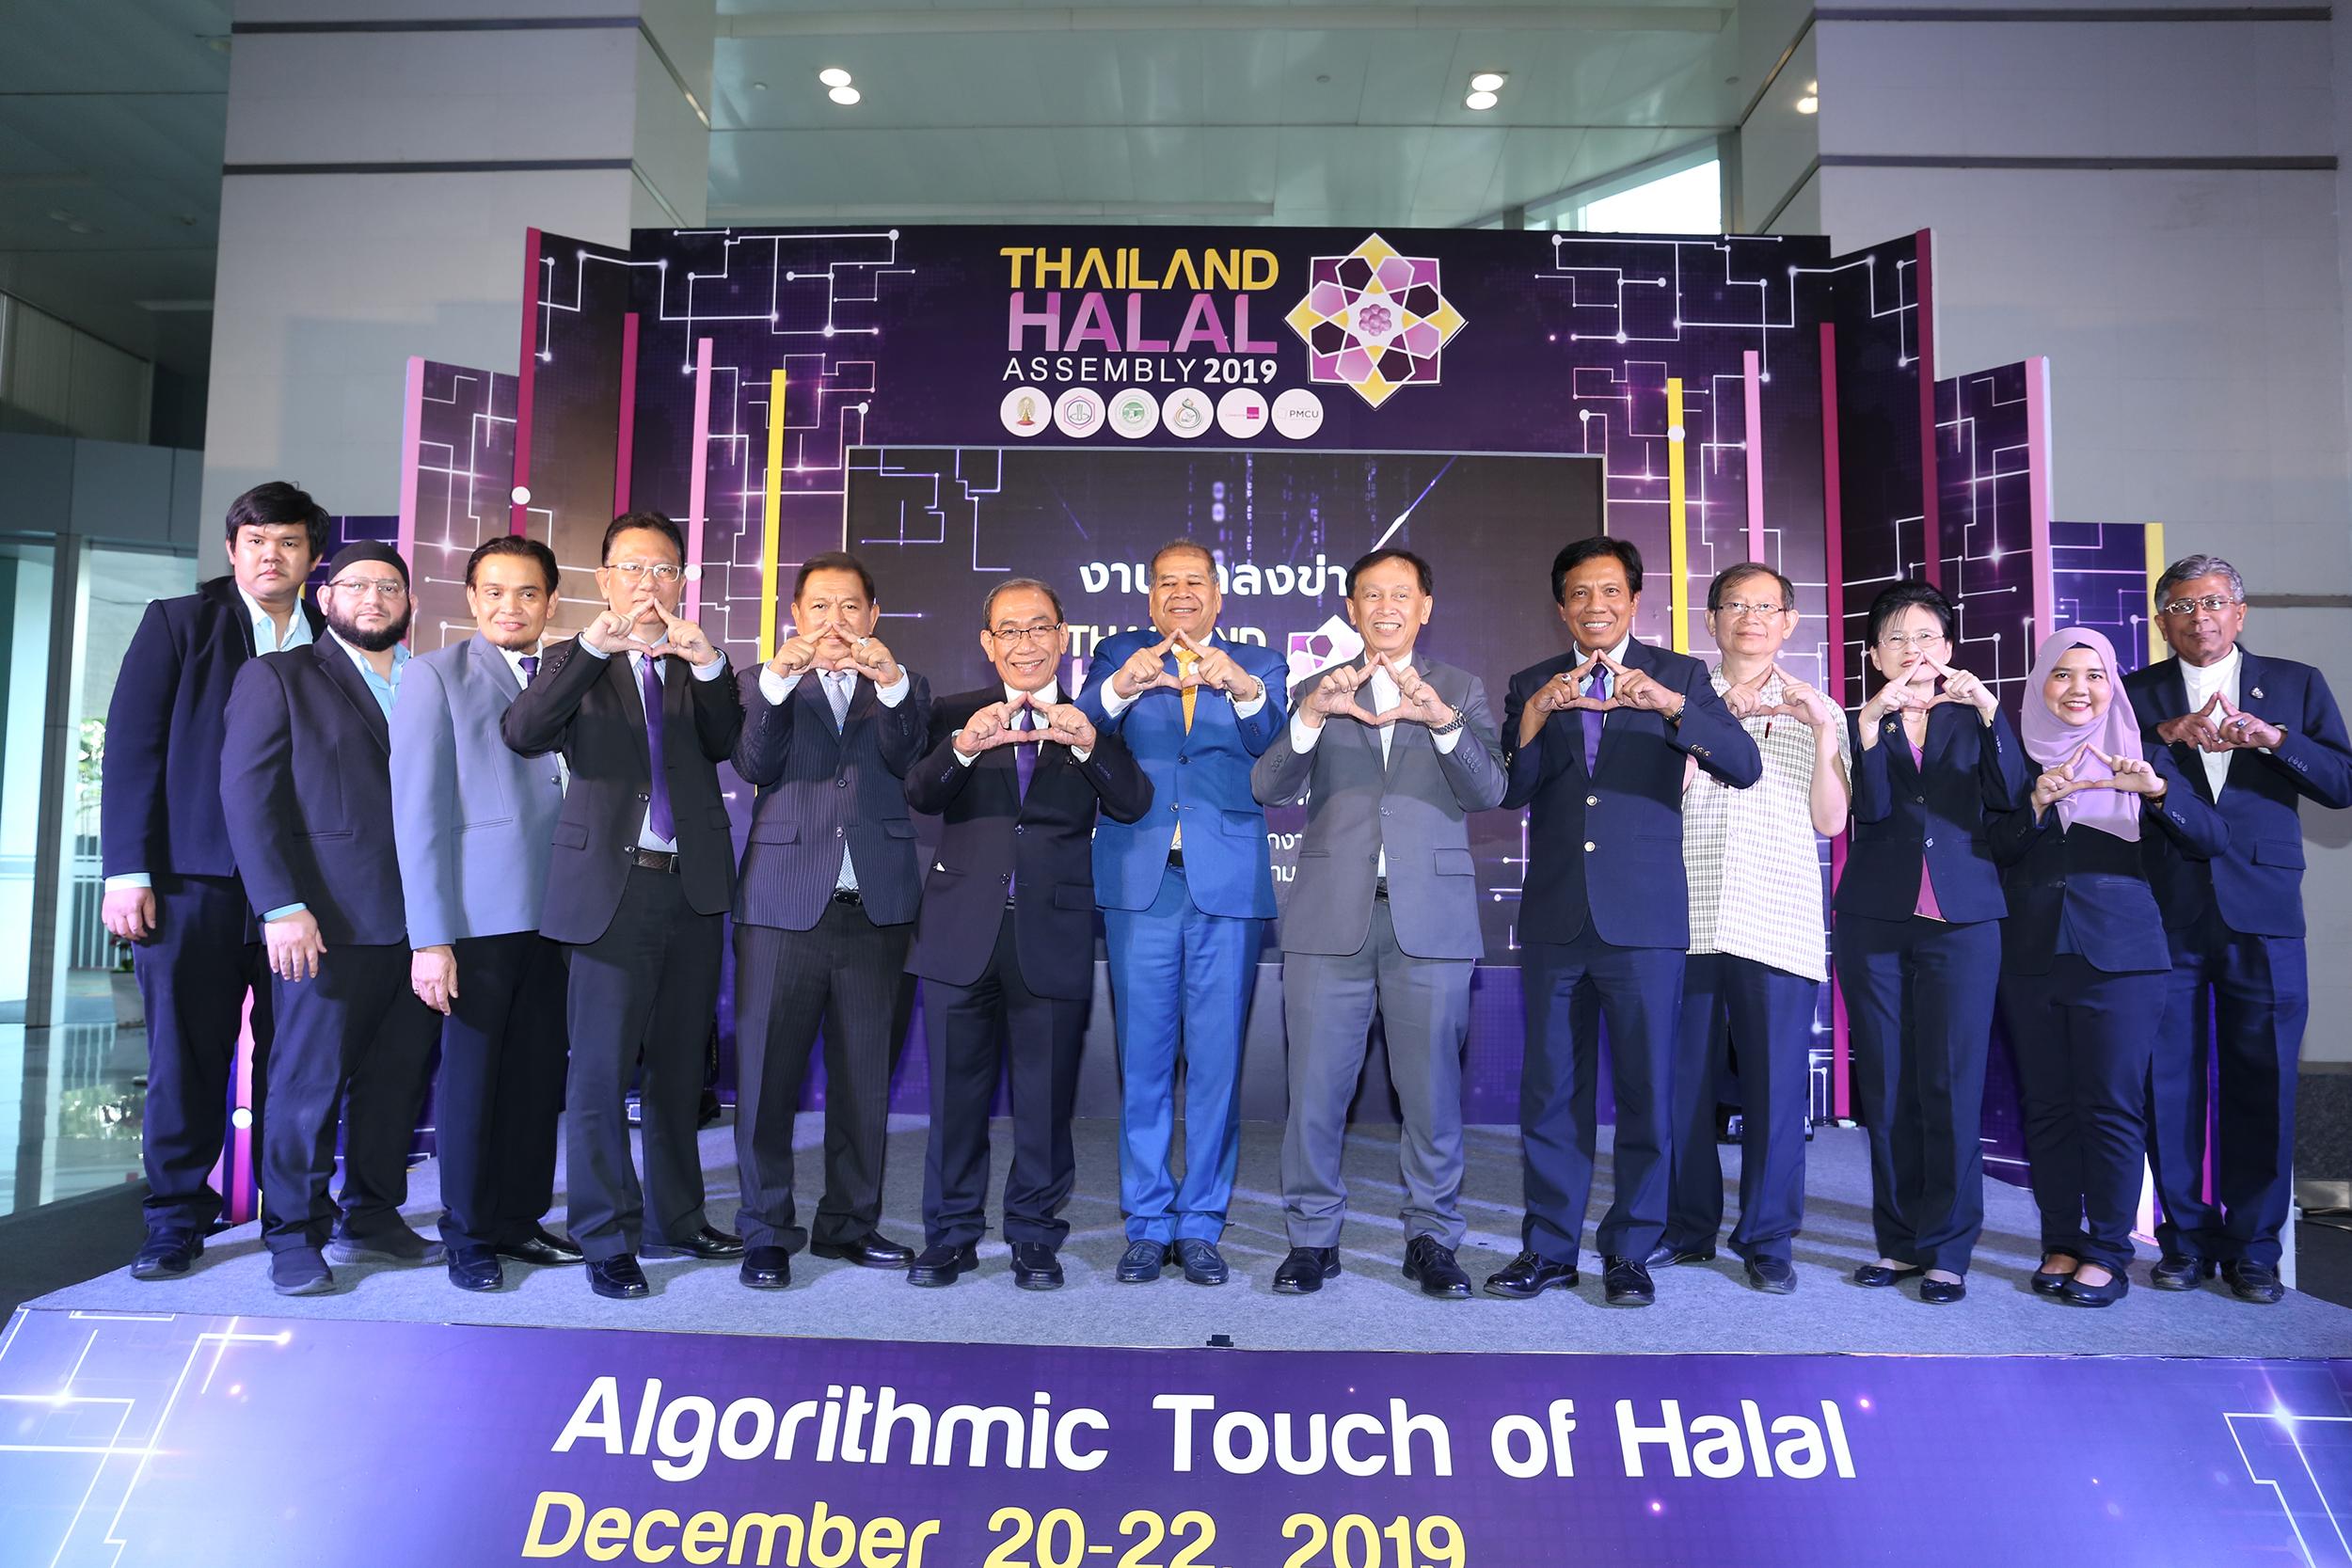 """1 ปี 1 ครั้ง...งานฮาลาลที่ดีที่สุด ยิ่งใหญ่กว่าใครในประเทศไทย !! """"Thailand Halal Assembly 2019"""""""